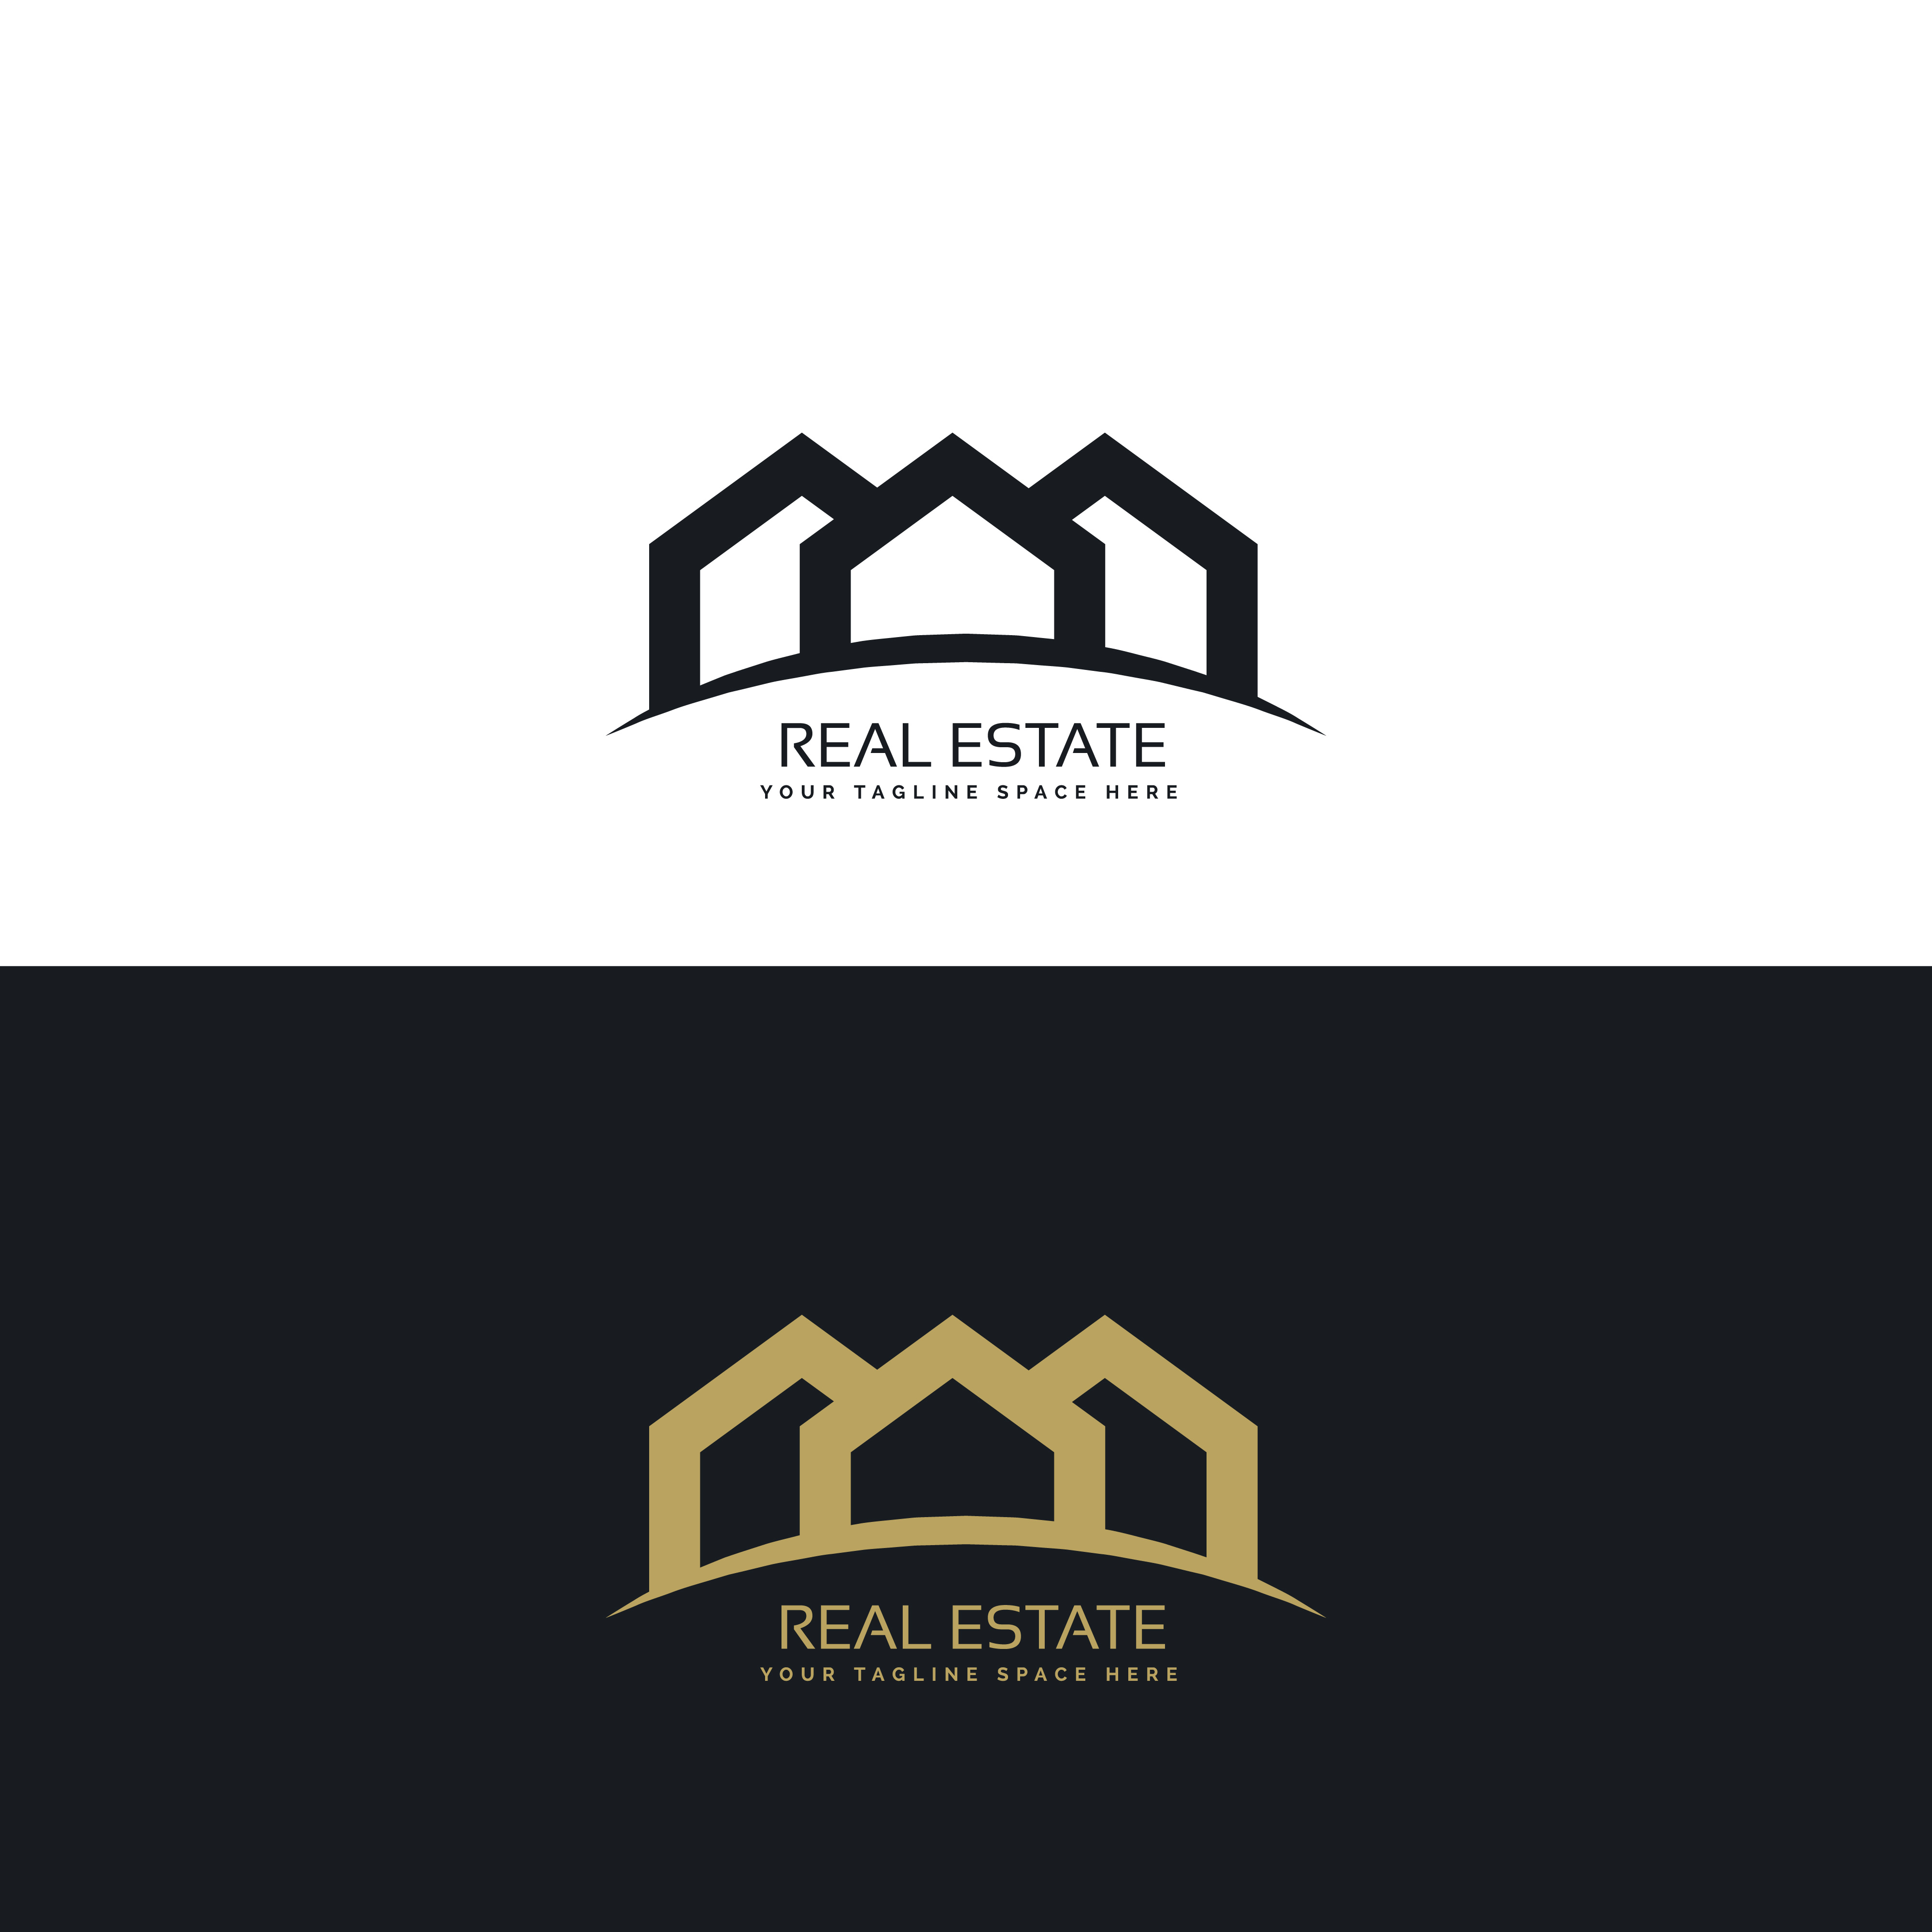 modern clean real estate logo design concept - Download ...